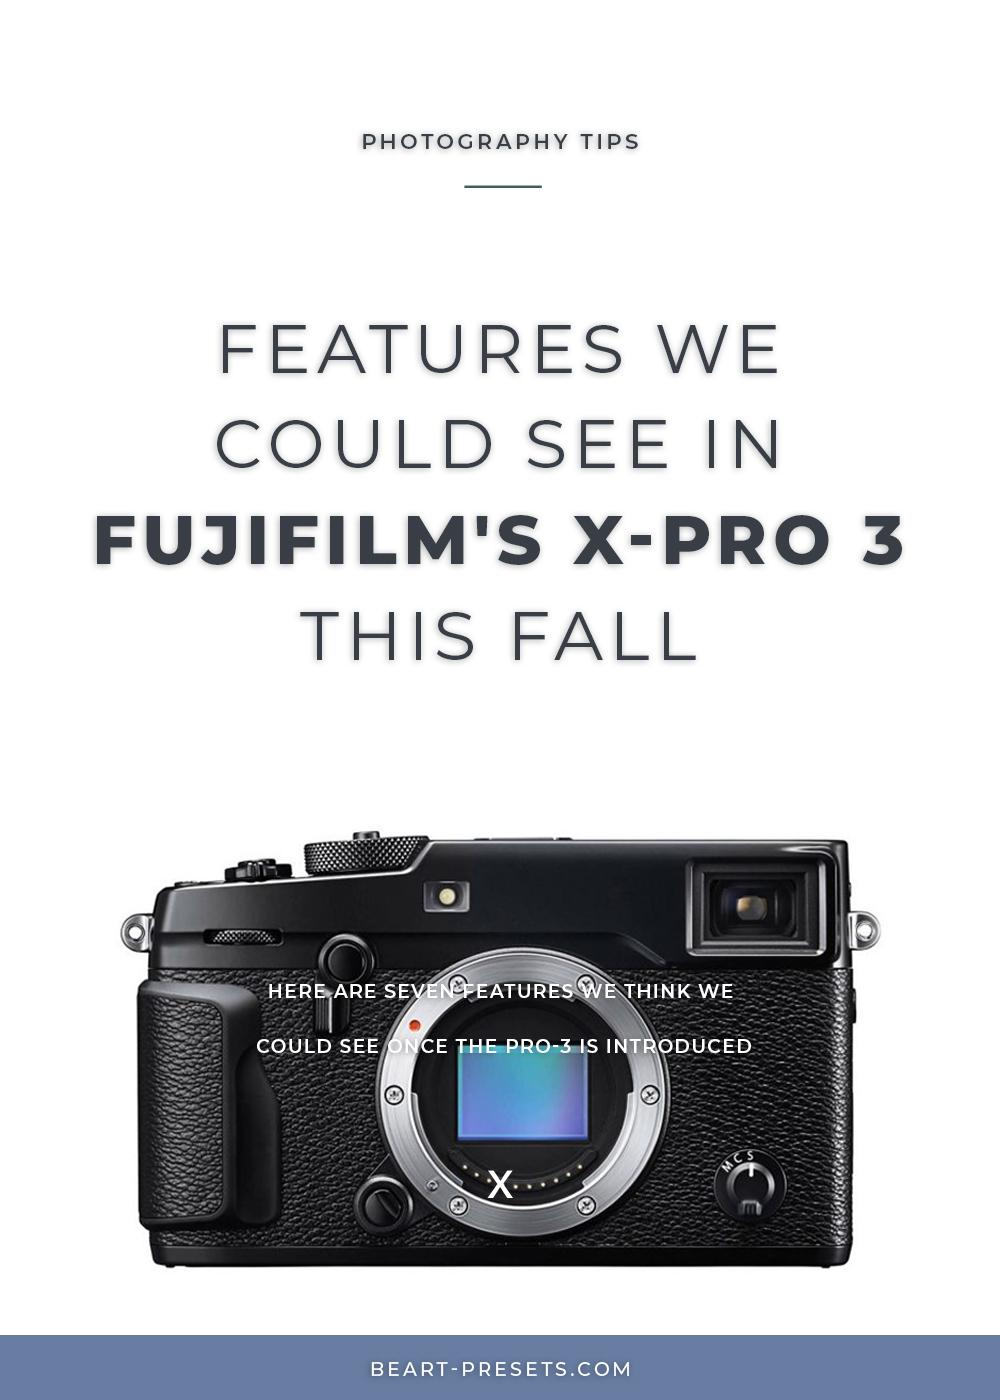 Fujifilm's X-Pro 3